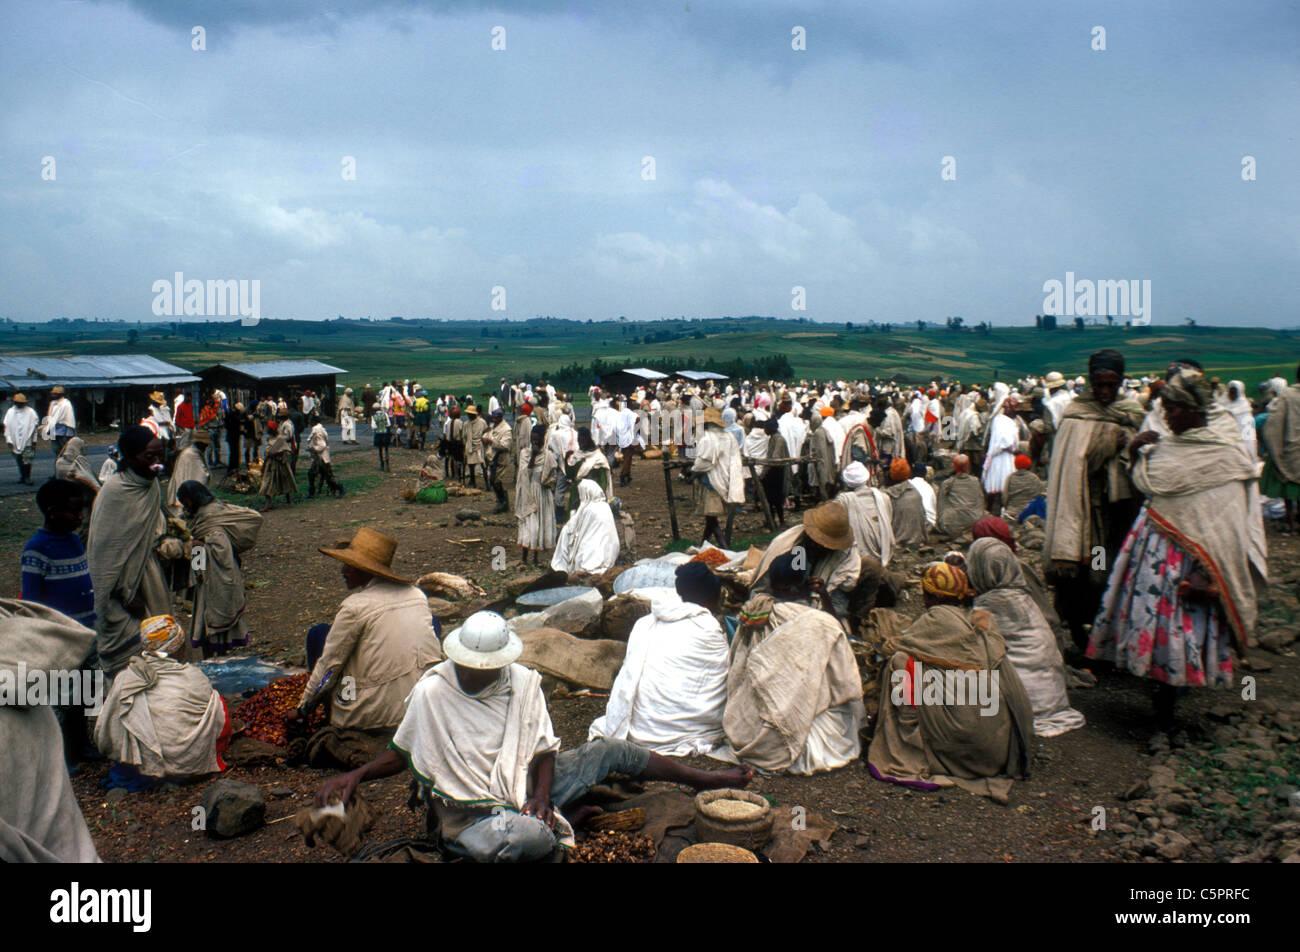 Persone in un mercato di un paese nei pressi di Harar, Etiopia Immagini Stock